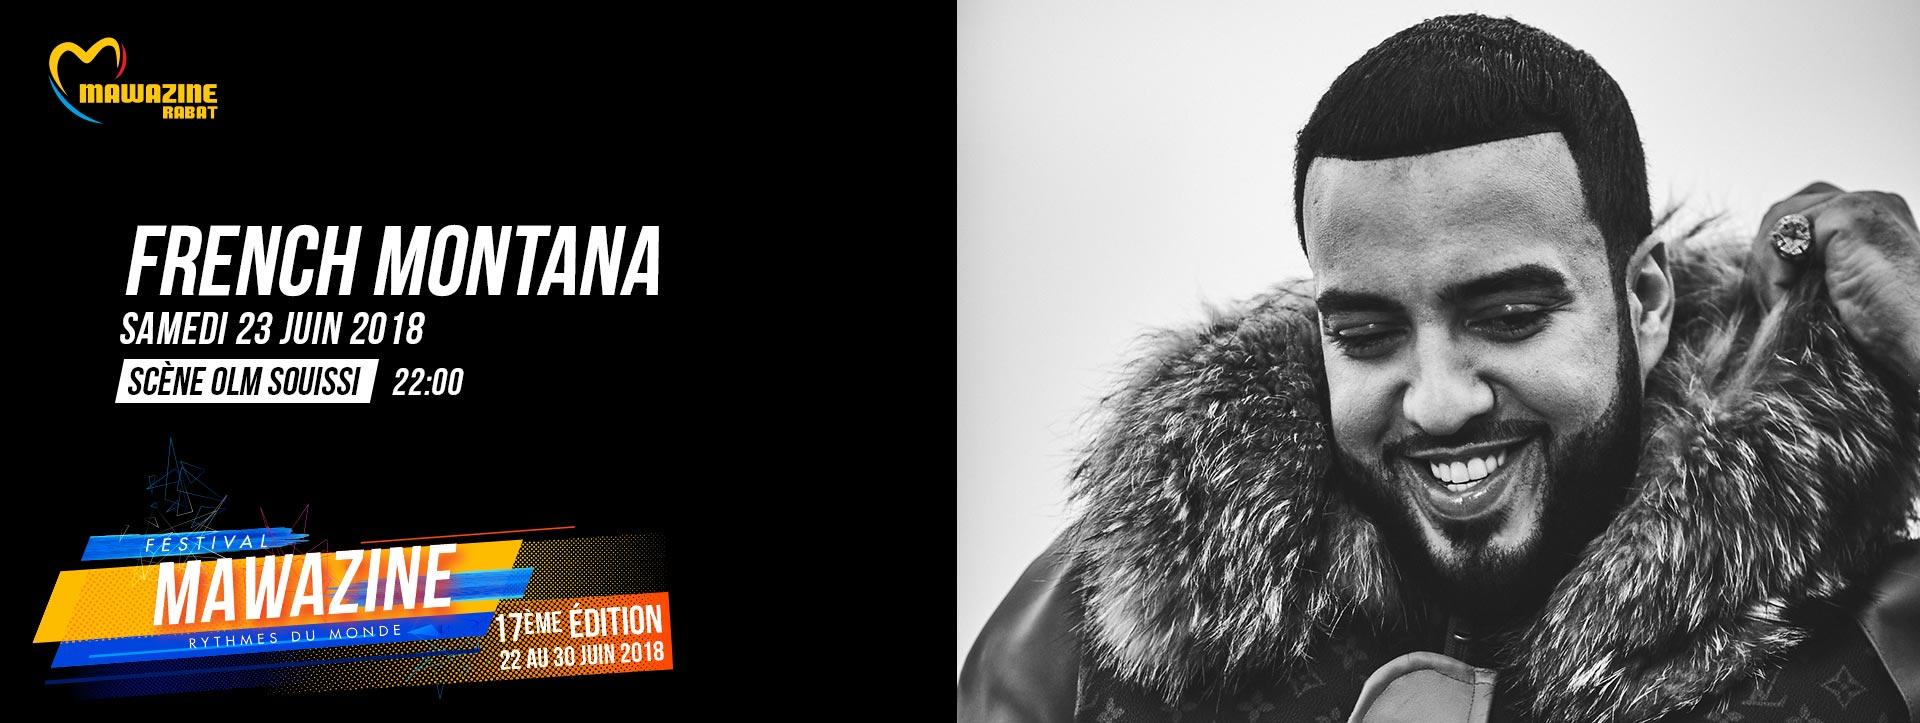 French Montana @ Mawazine 2018